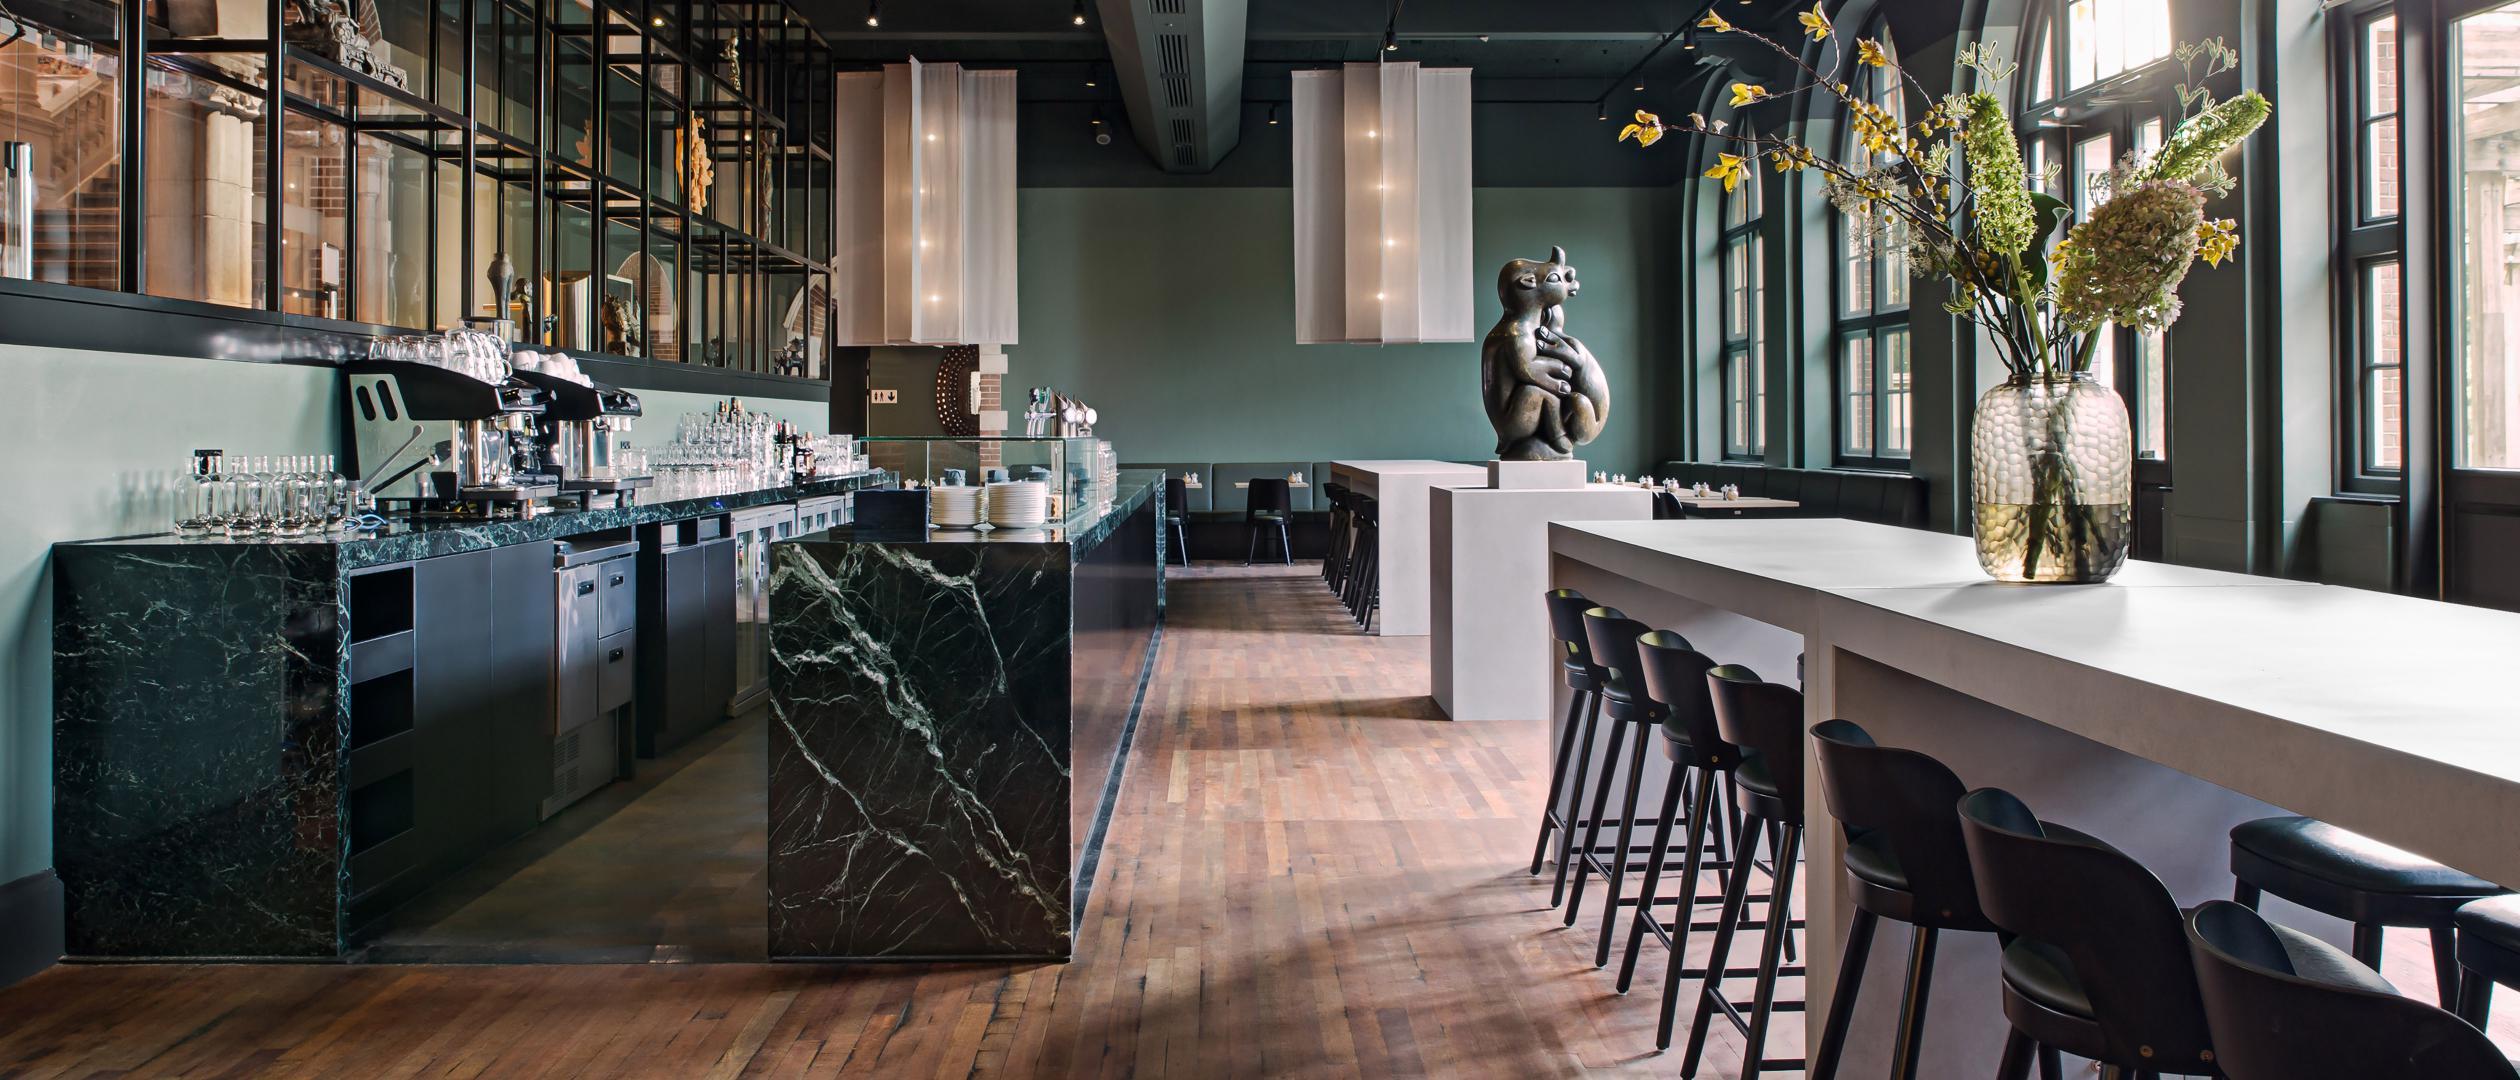 Restaurant Kitchen Design App